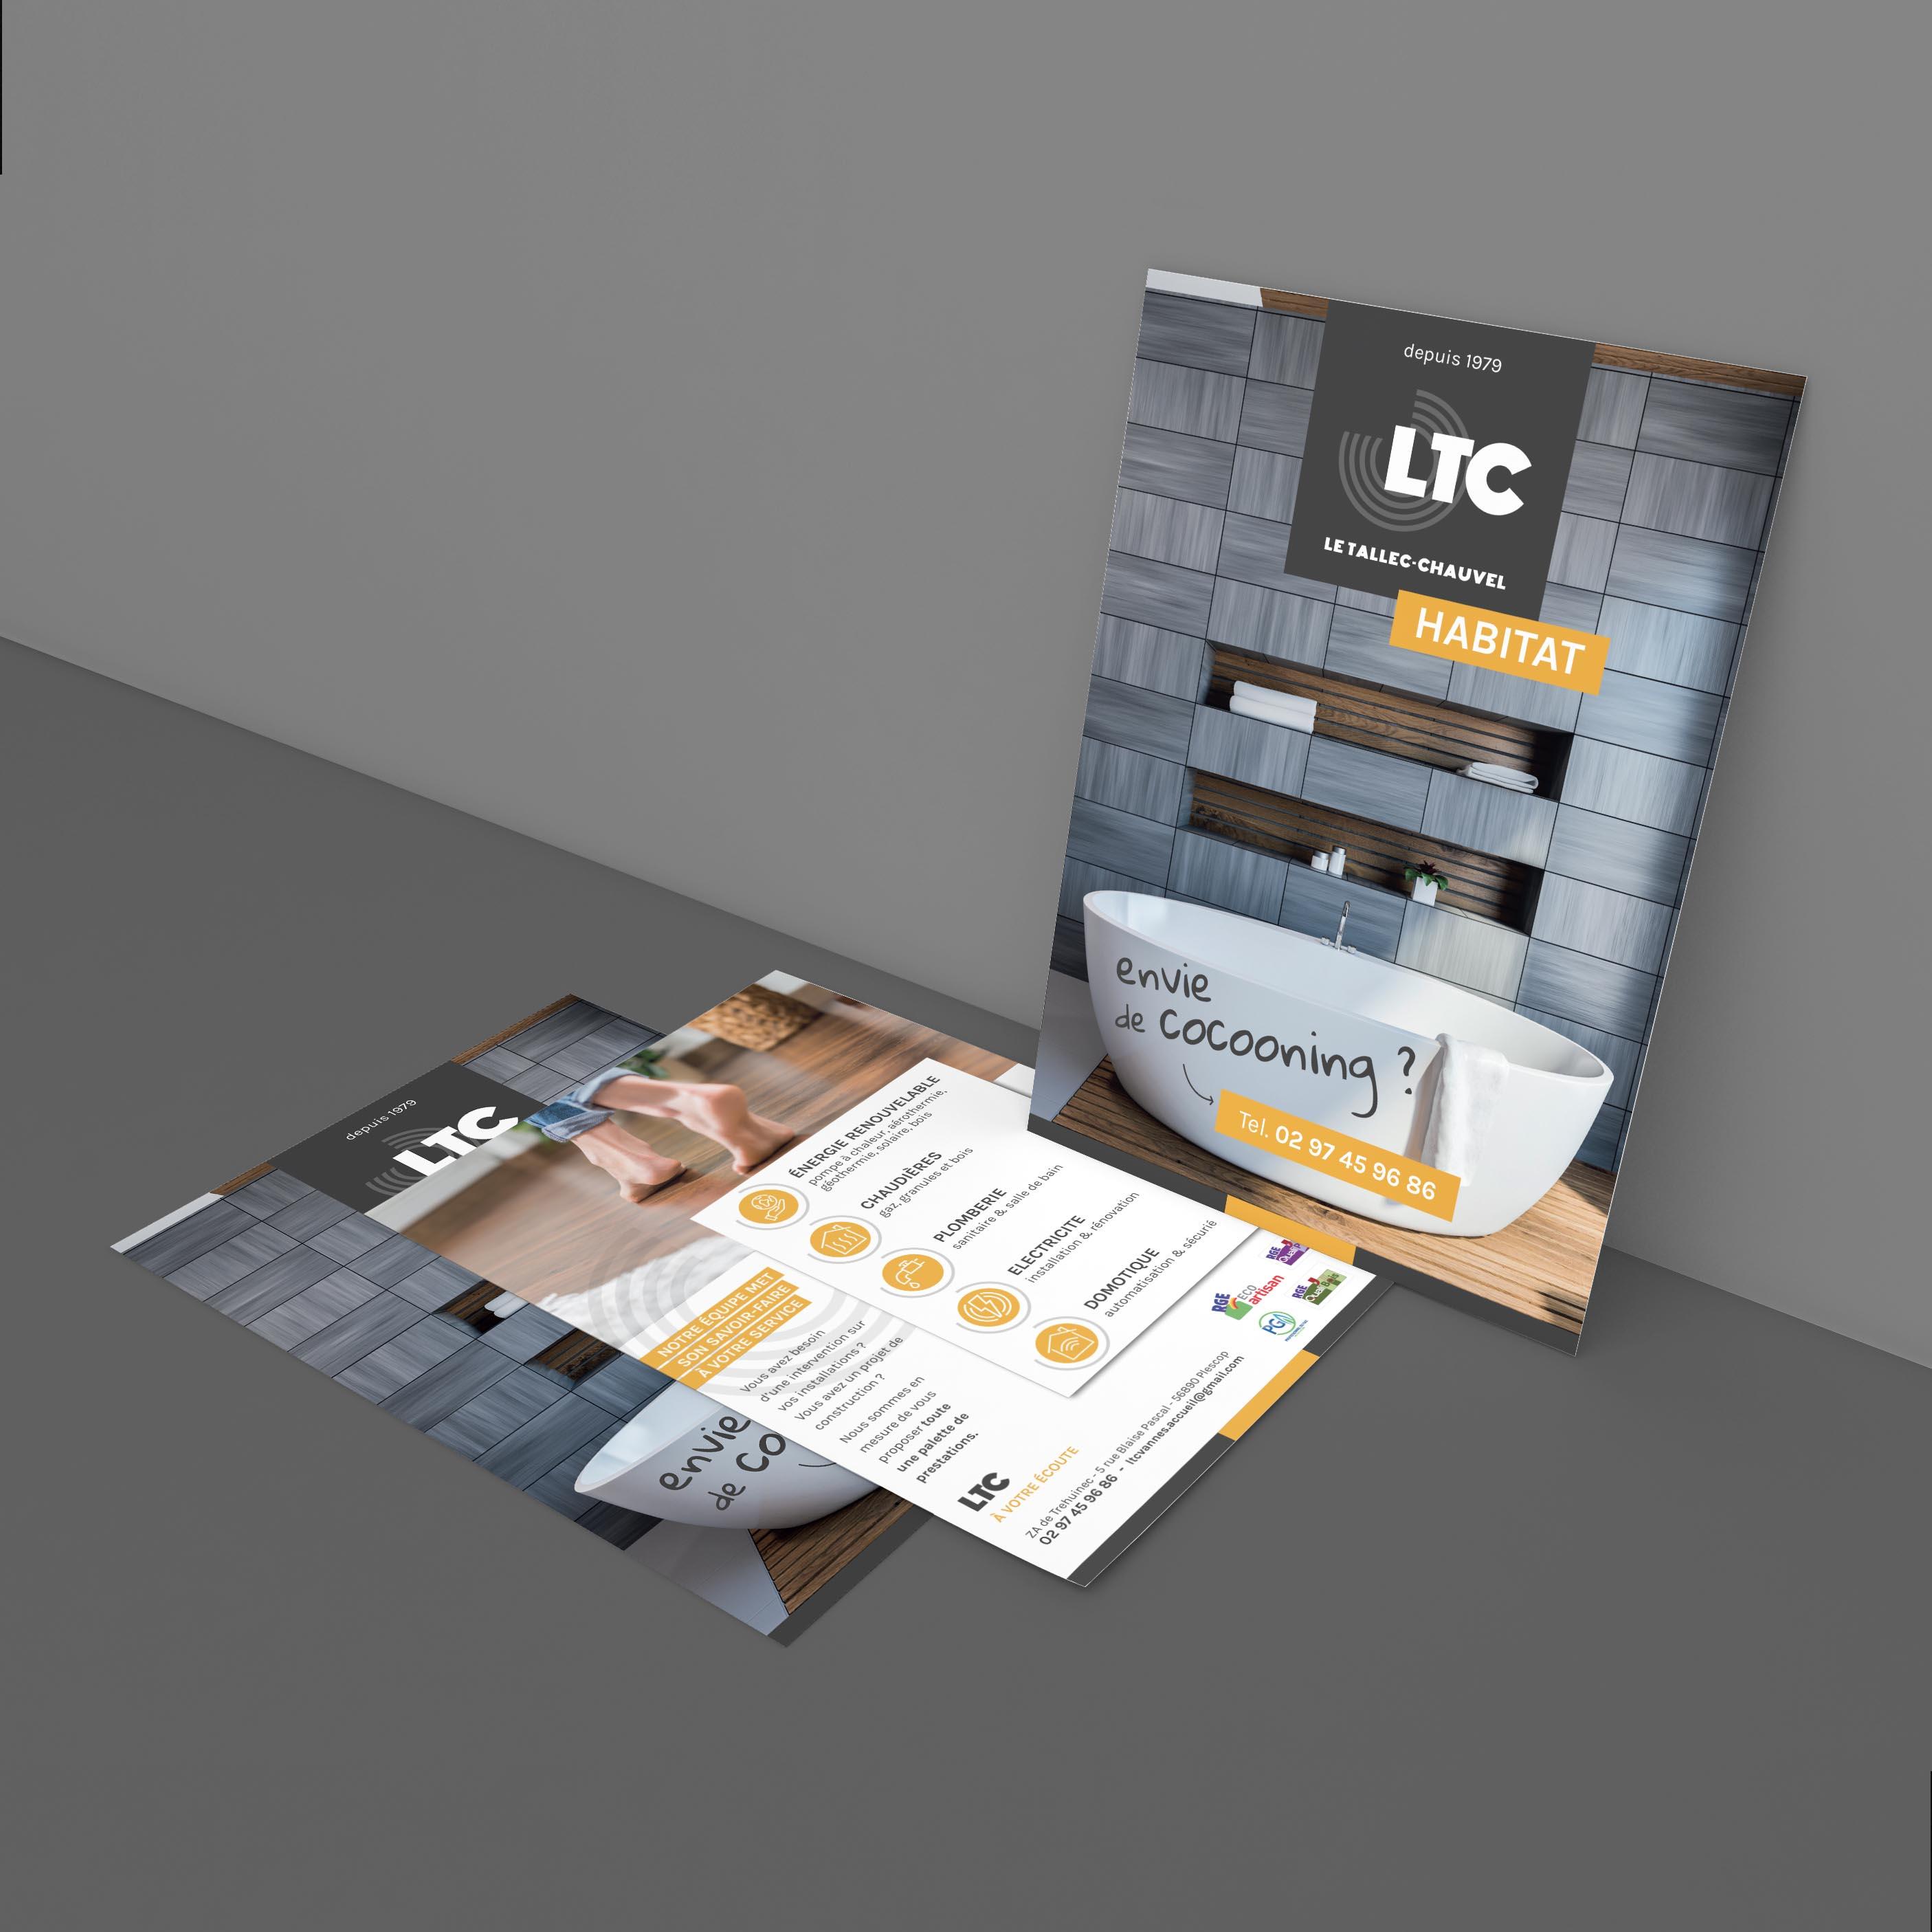 LTC Flyer habitat